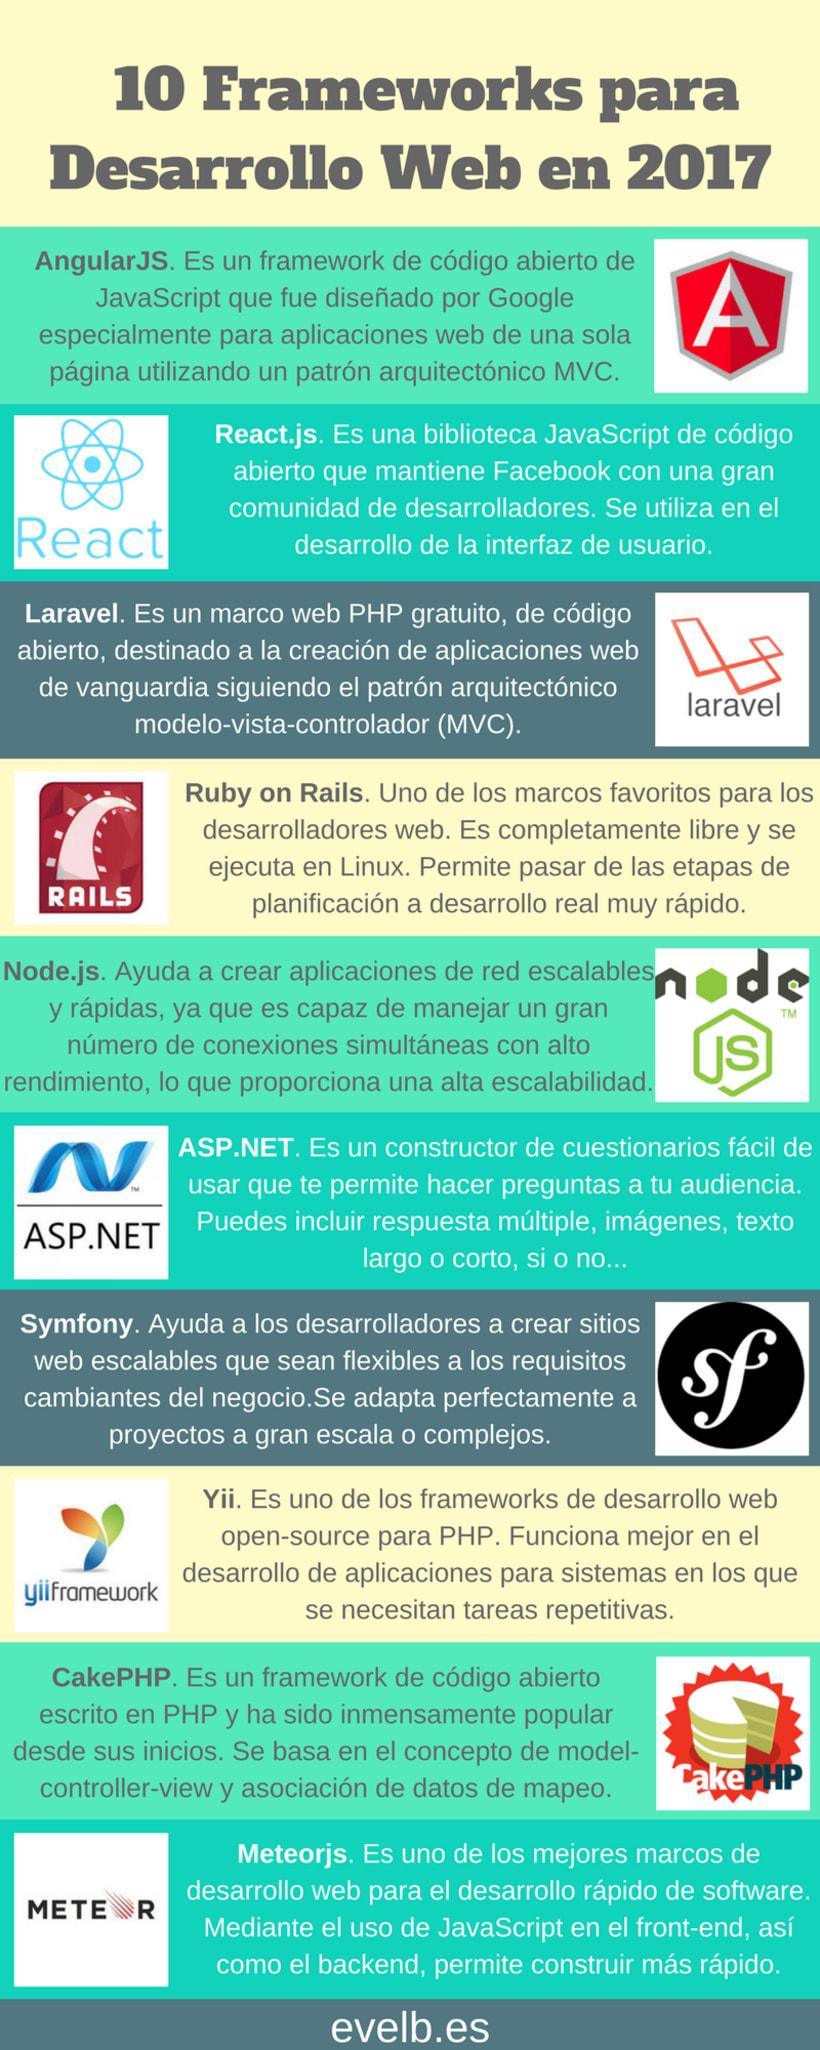 Infografías evelb.es 32